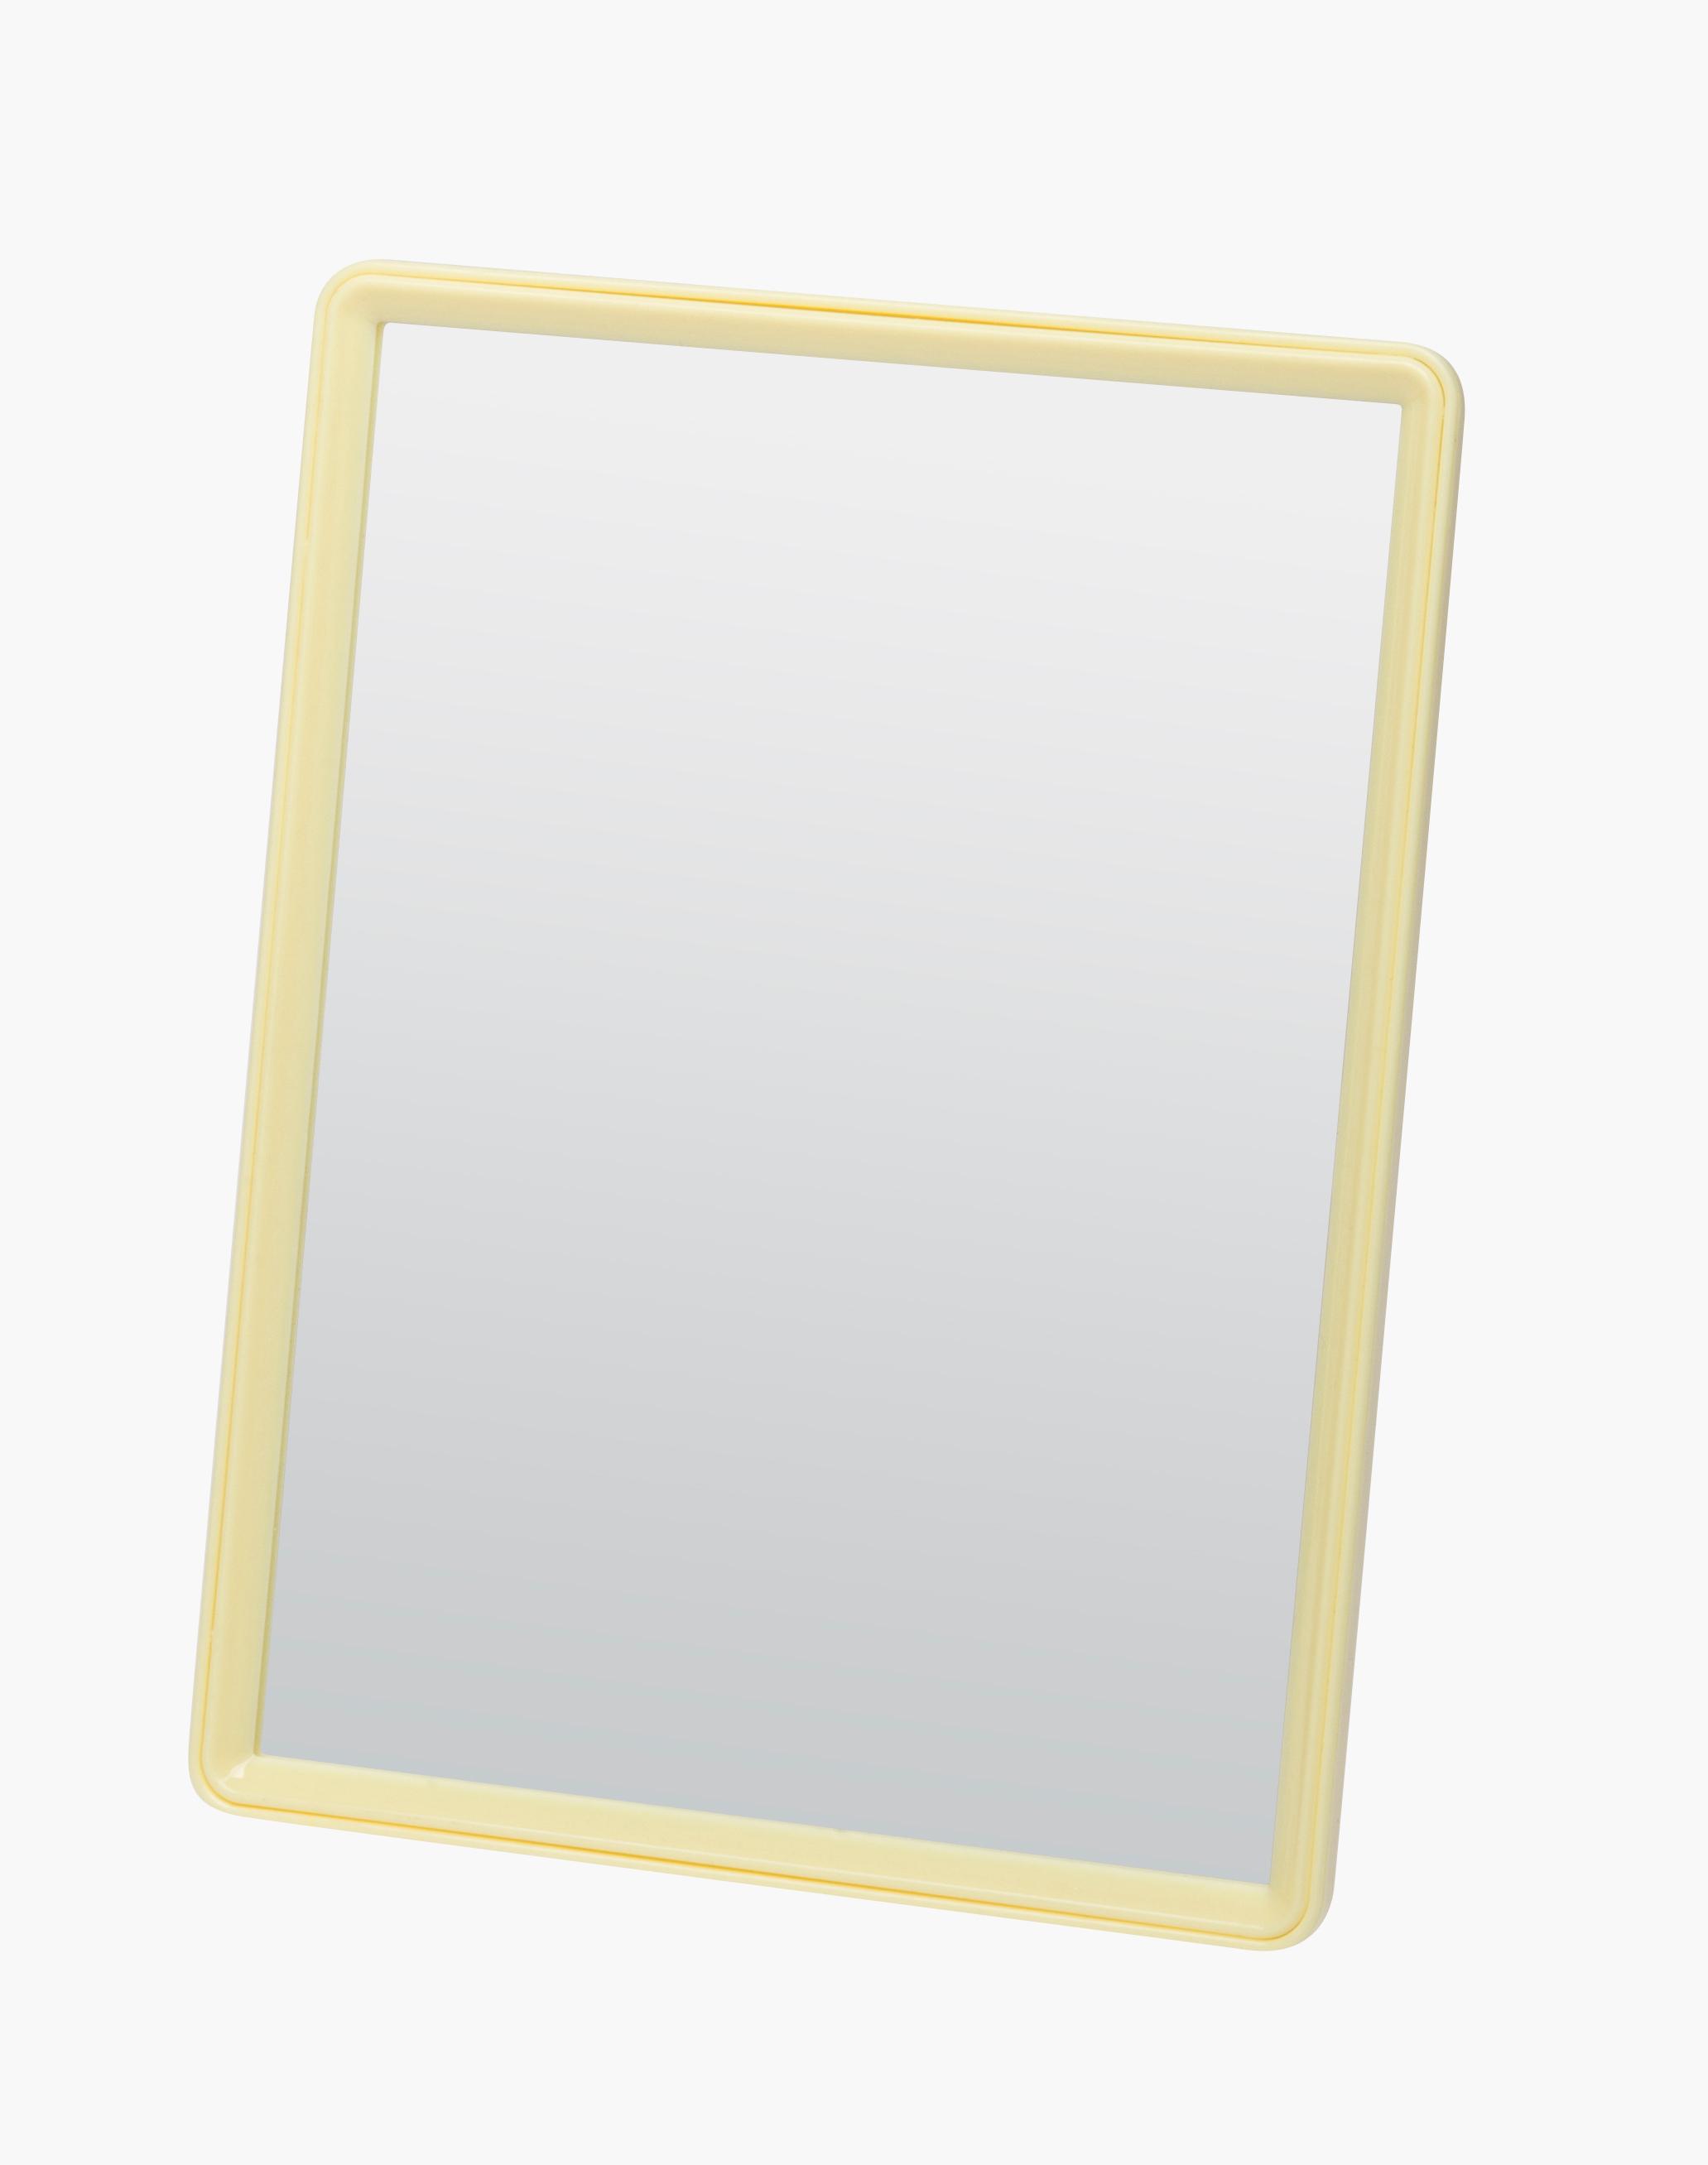 Dewal beauty зеркало настольное, в желтой оправе, на